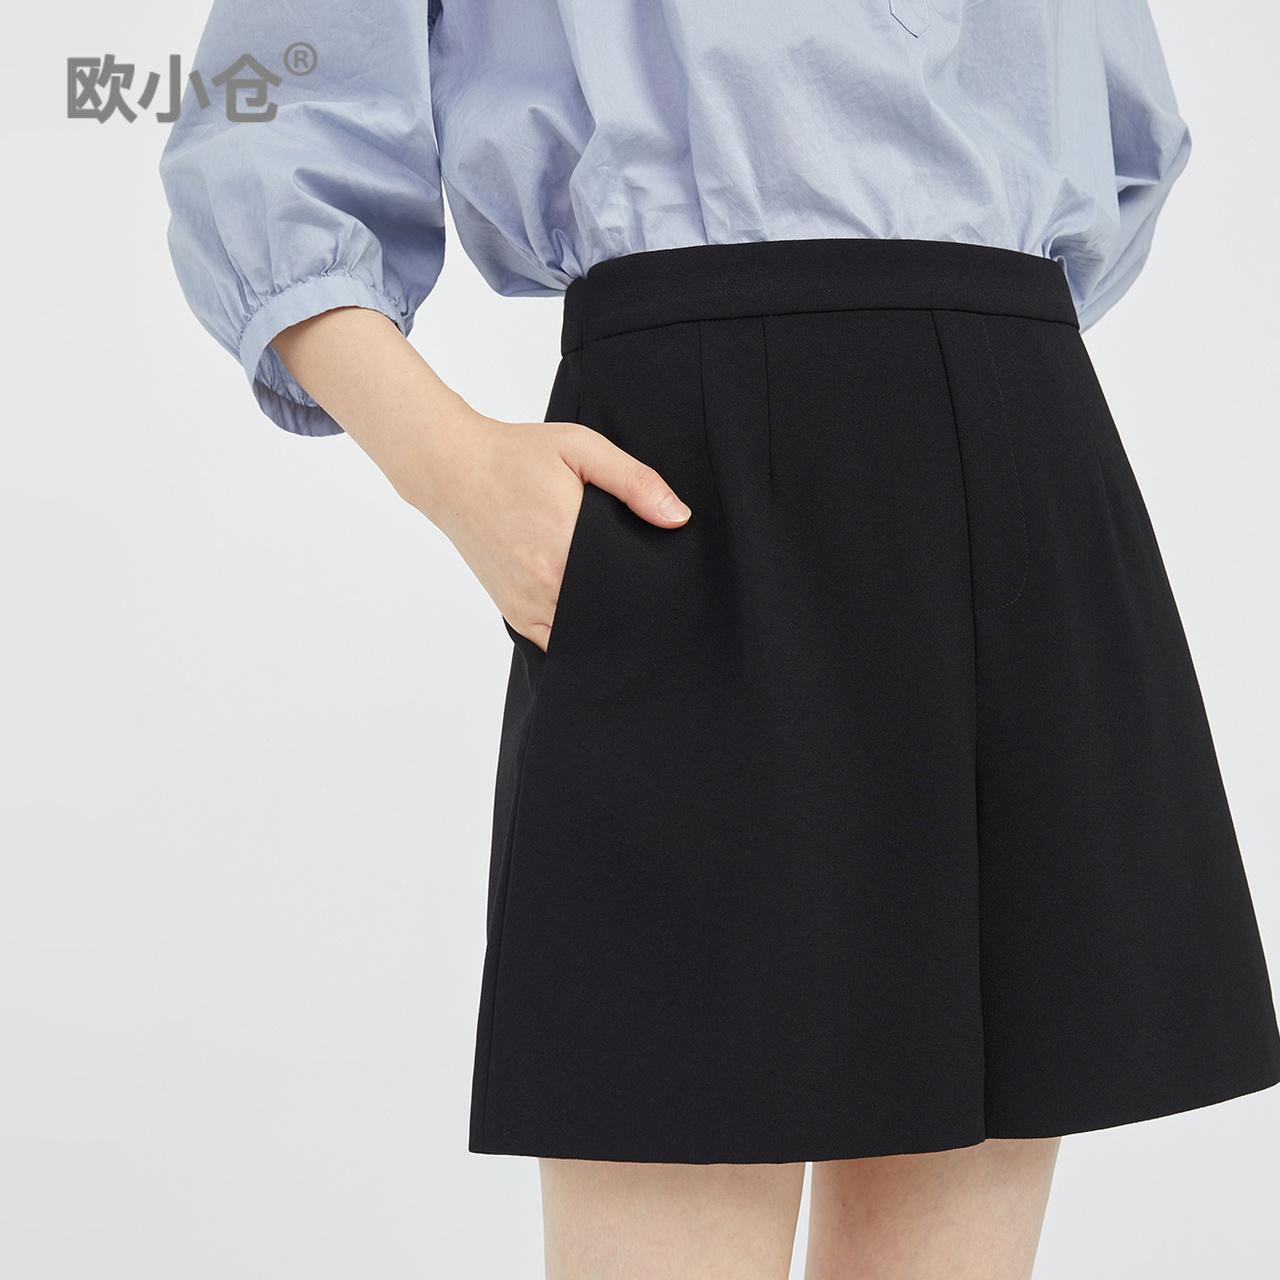 OXC/欧小仓黑色a字短裤女 宽松休闲高腰外穿时尚阔腿西装三分裤满159.00元可用1元优惠券